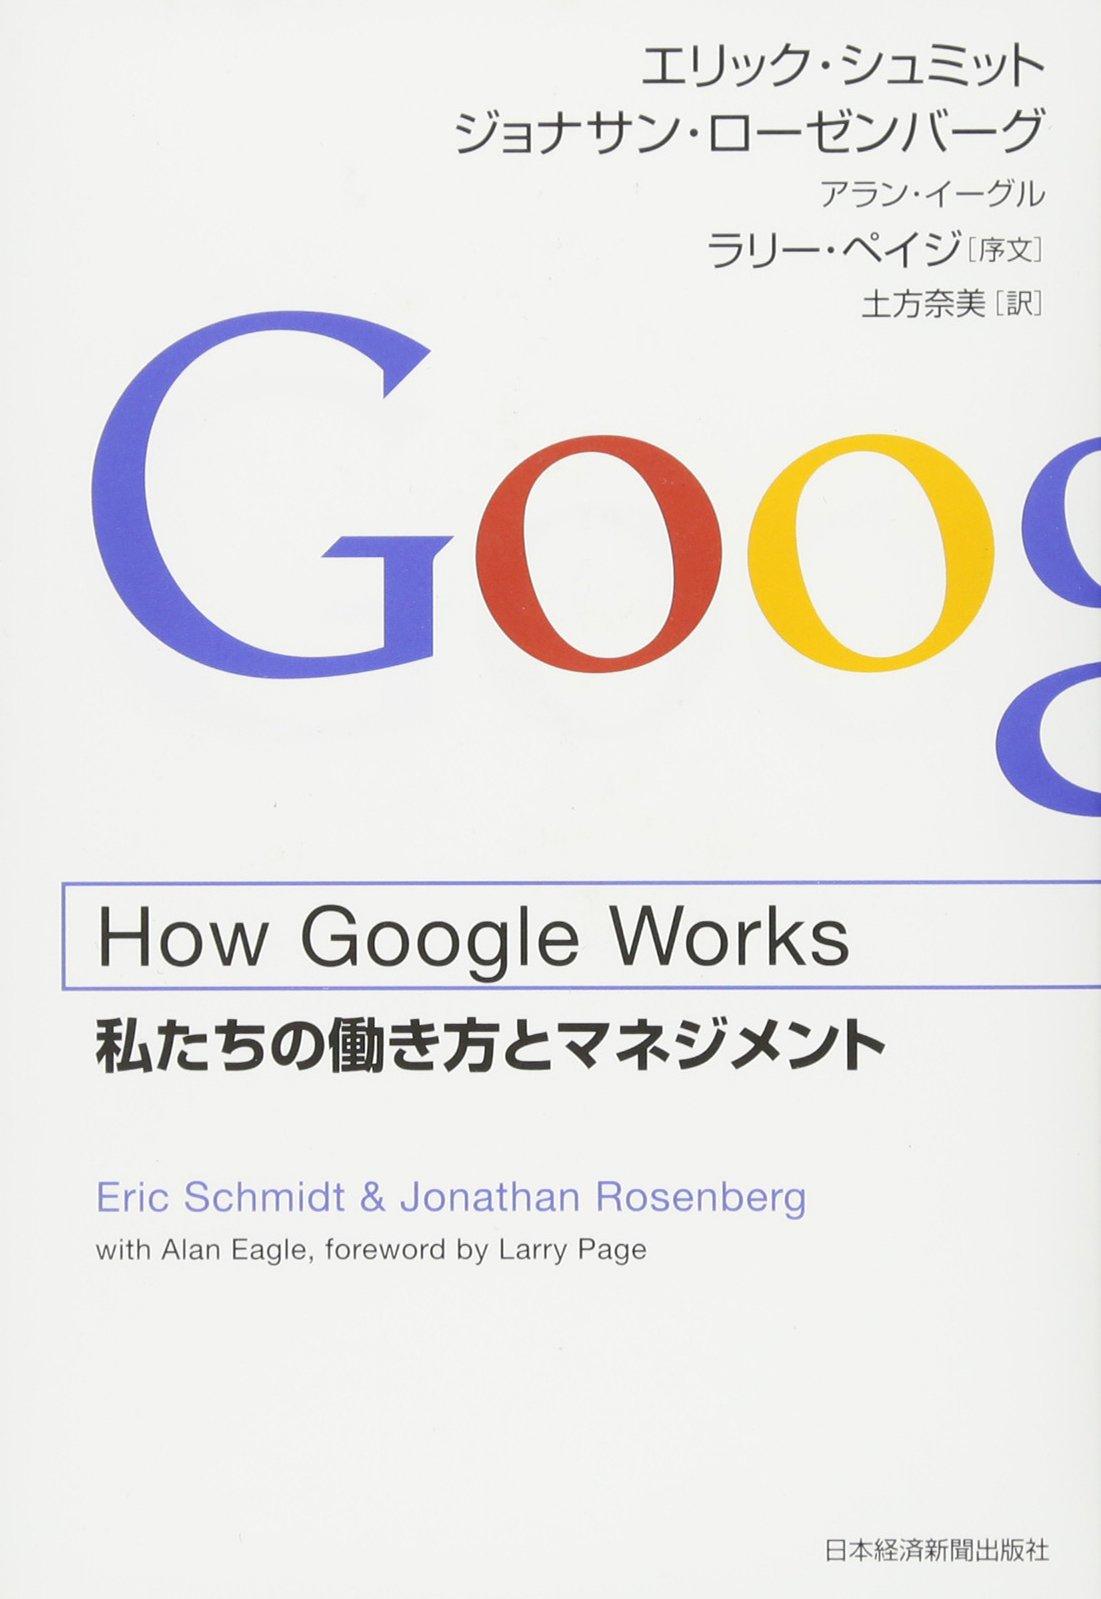 354c07a2bd How Google Works (ハウ・グーグル・ワークス) ―私たちの働き方とマネジメント | エリック・シュミット,  ジョナサン・ローゼンバーグ, アラン・イーグル, ...